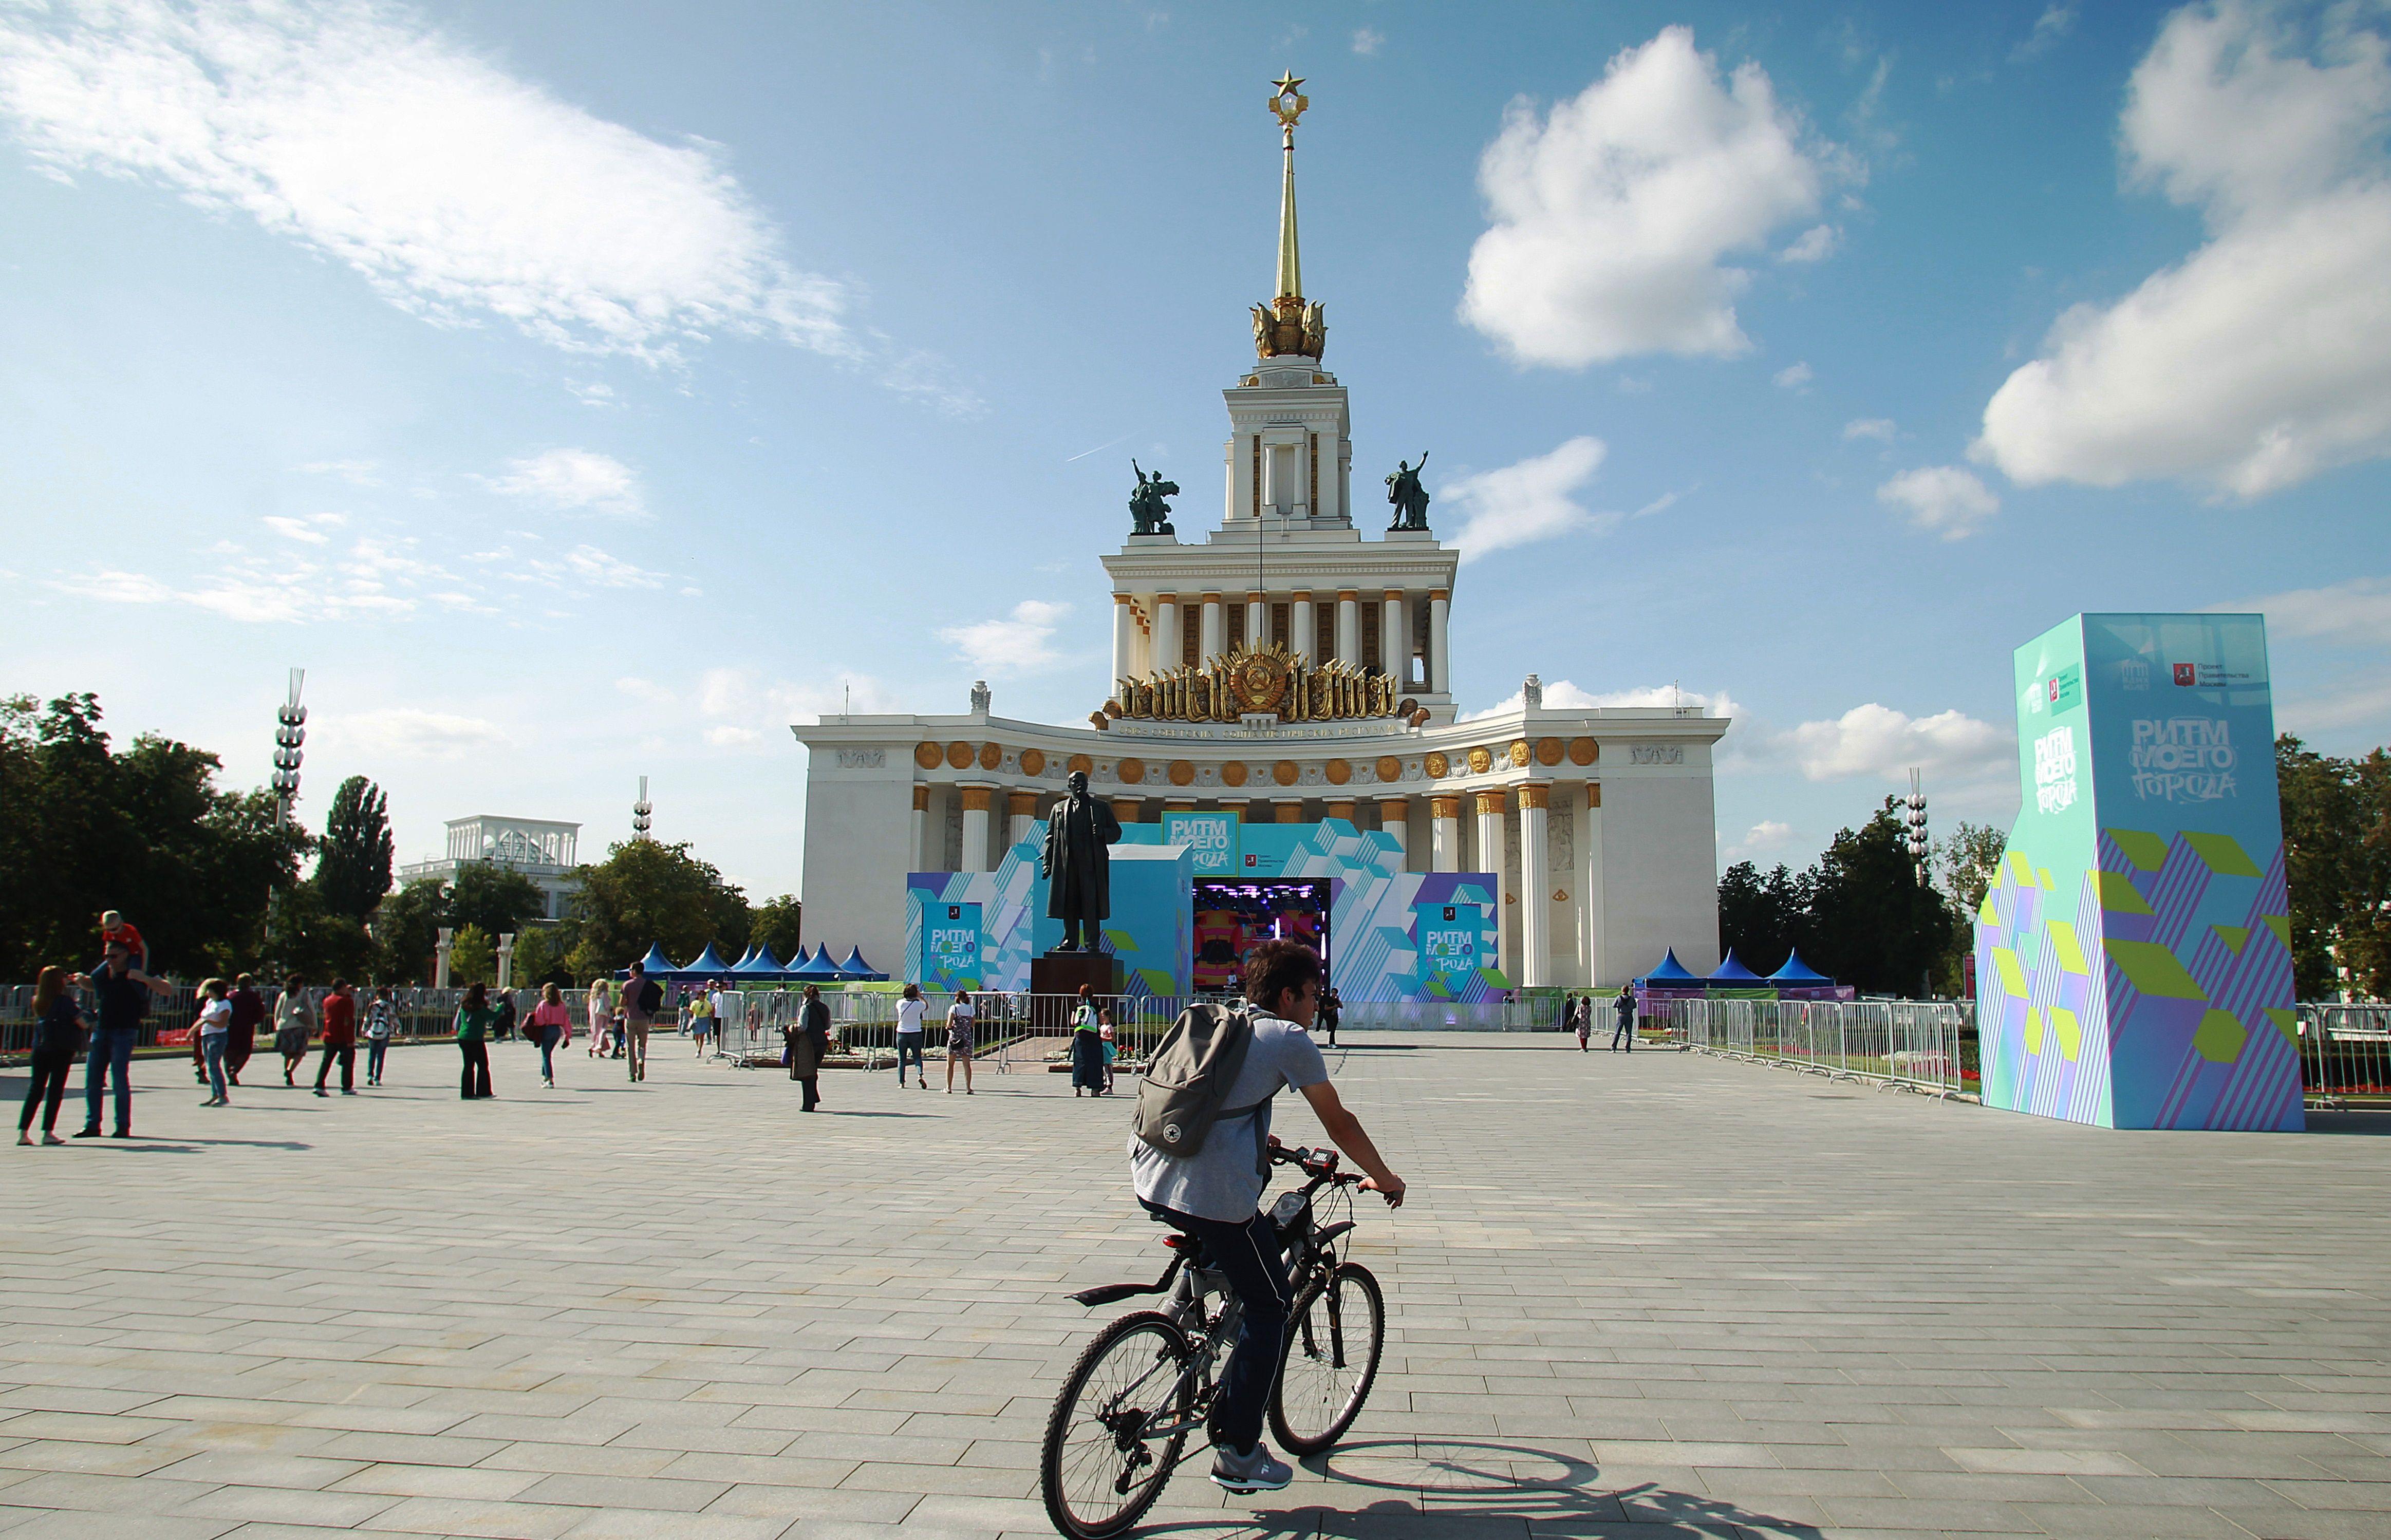 Неделя Street Style пройдет с 19 по 25 августа. Фото: Наталия Нечаева, «Вечерняя Москва»